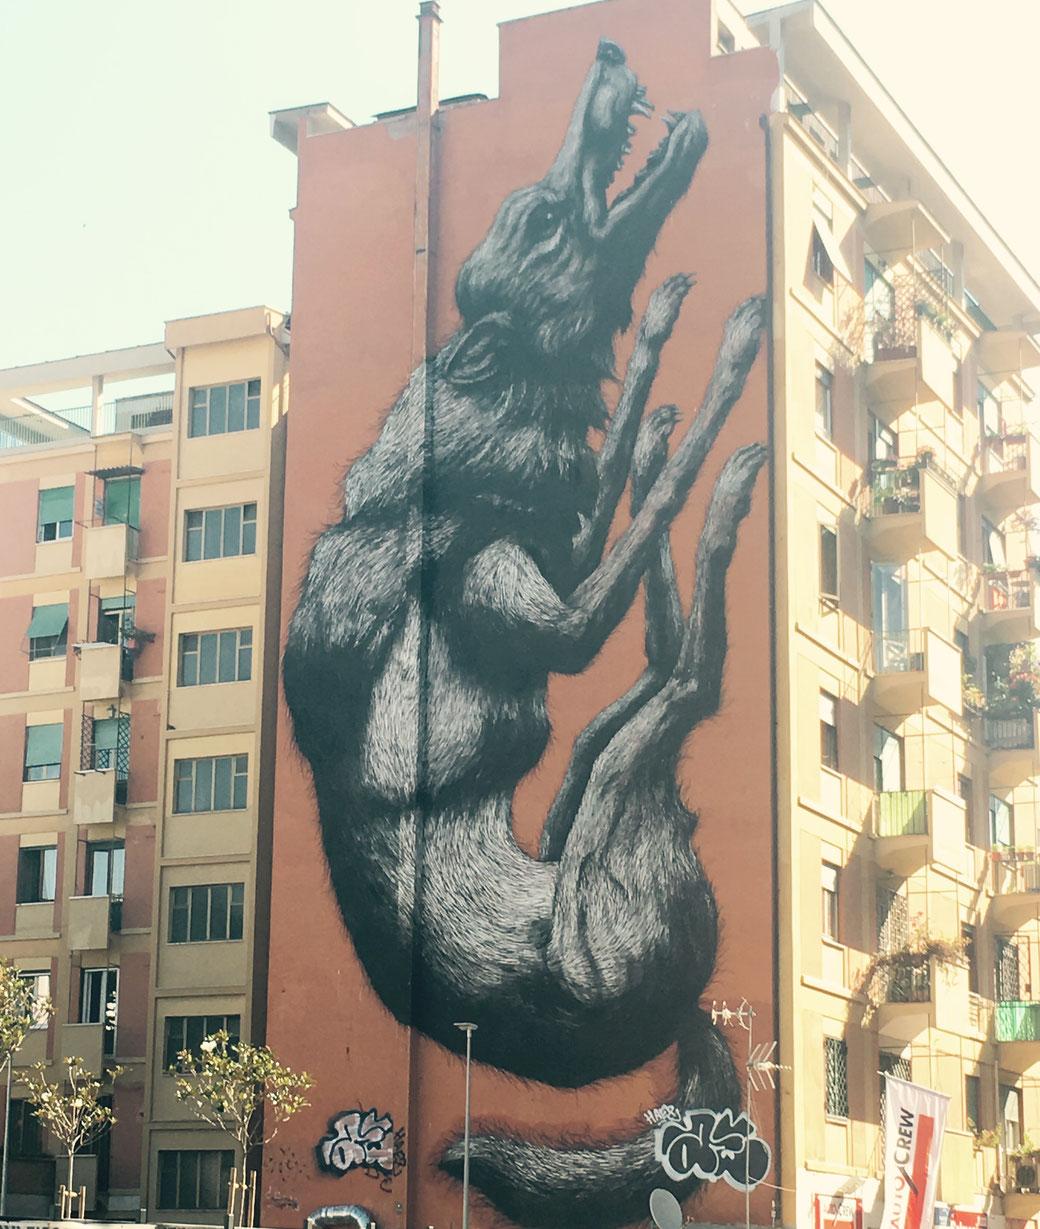 Streetart in Rom - Jumping Wolf in Testaccio - Ein Werk des belgischen Street-Artisten ROA.